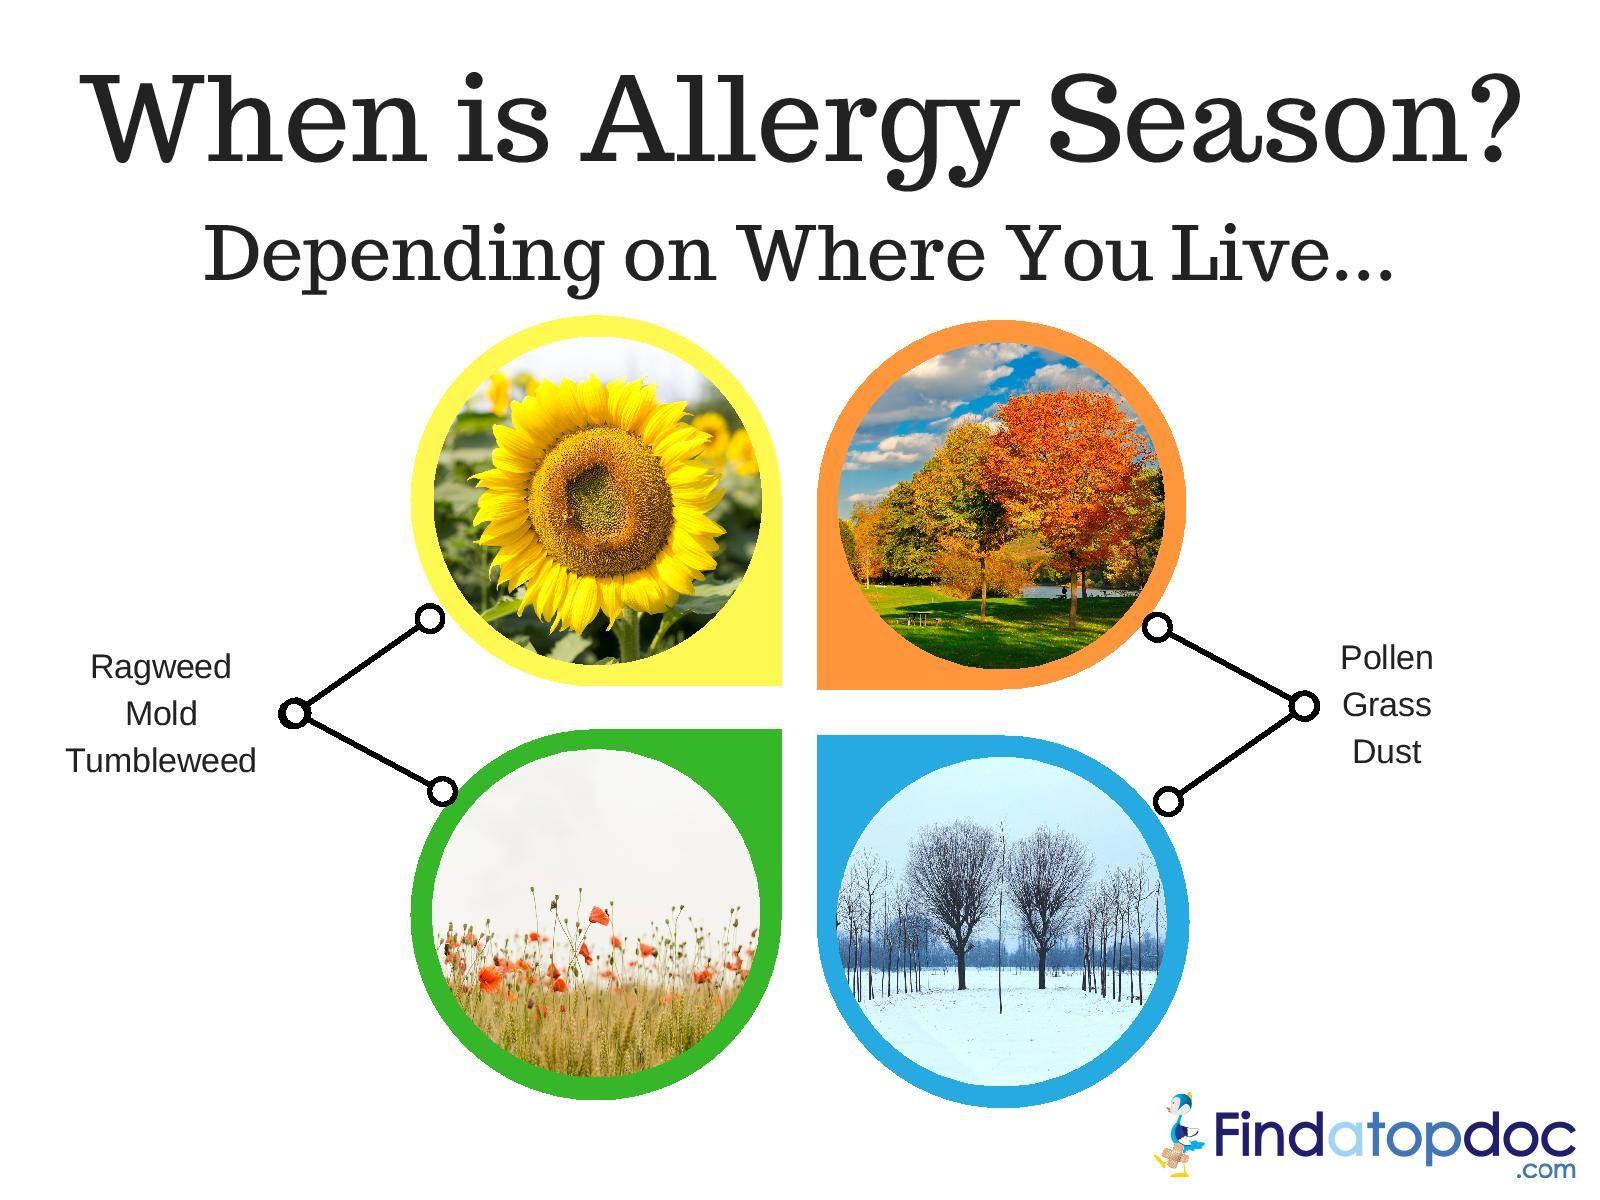 Allergens are all around us gunning to make us sneeze